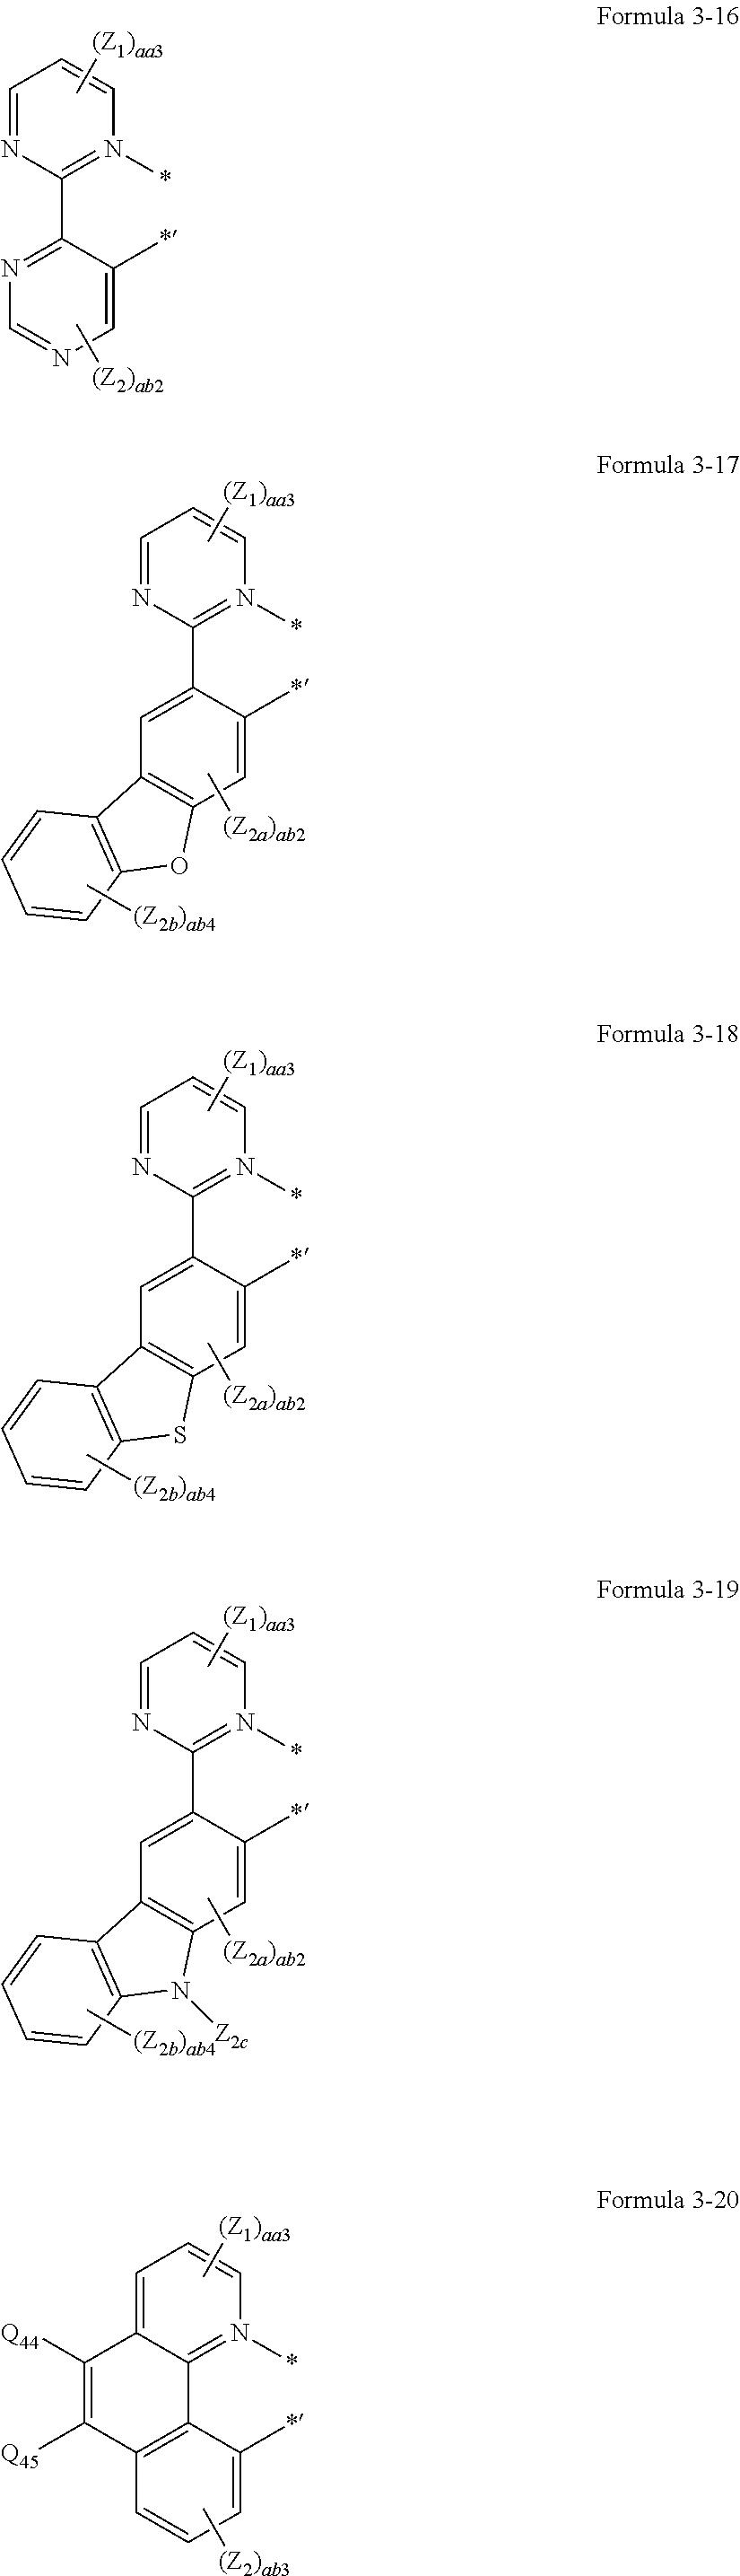 Figure US20160155962A1-20160602-C00027